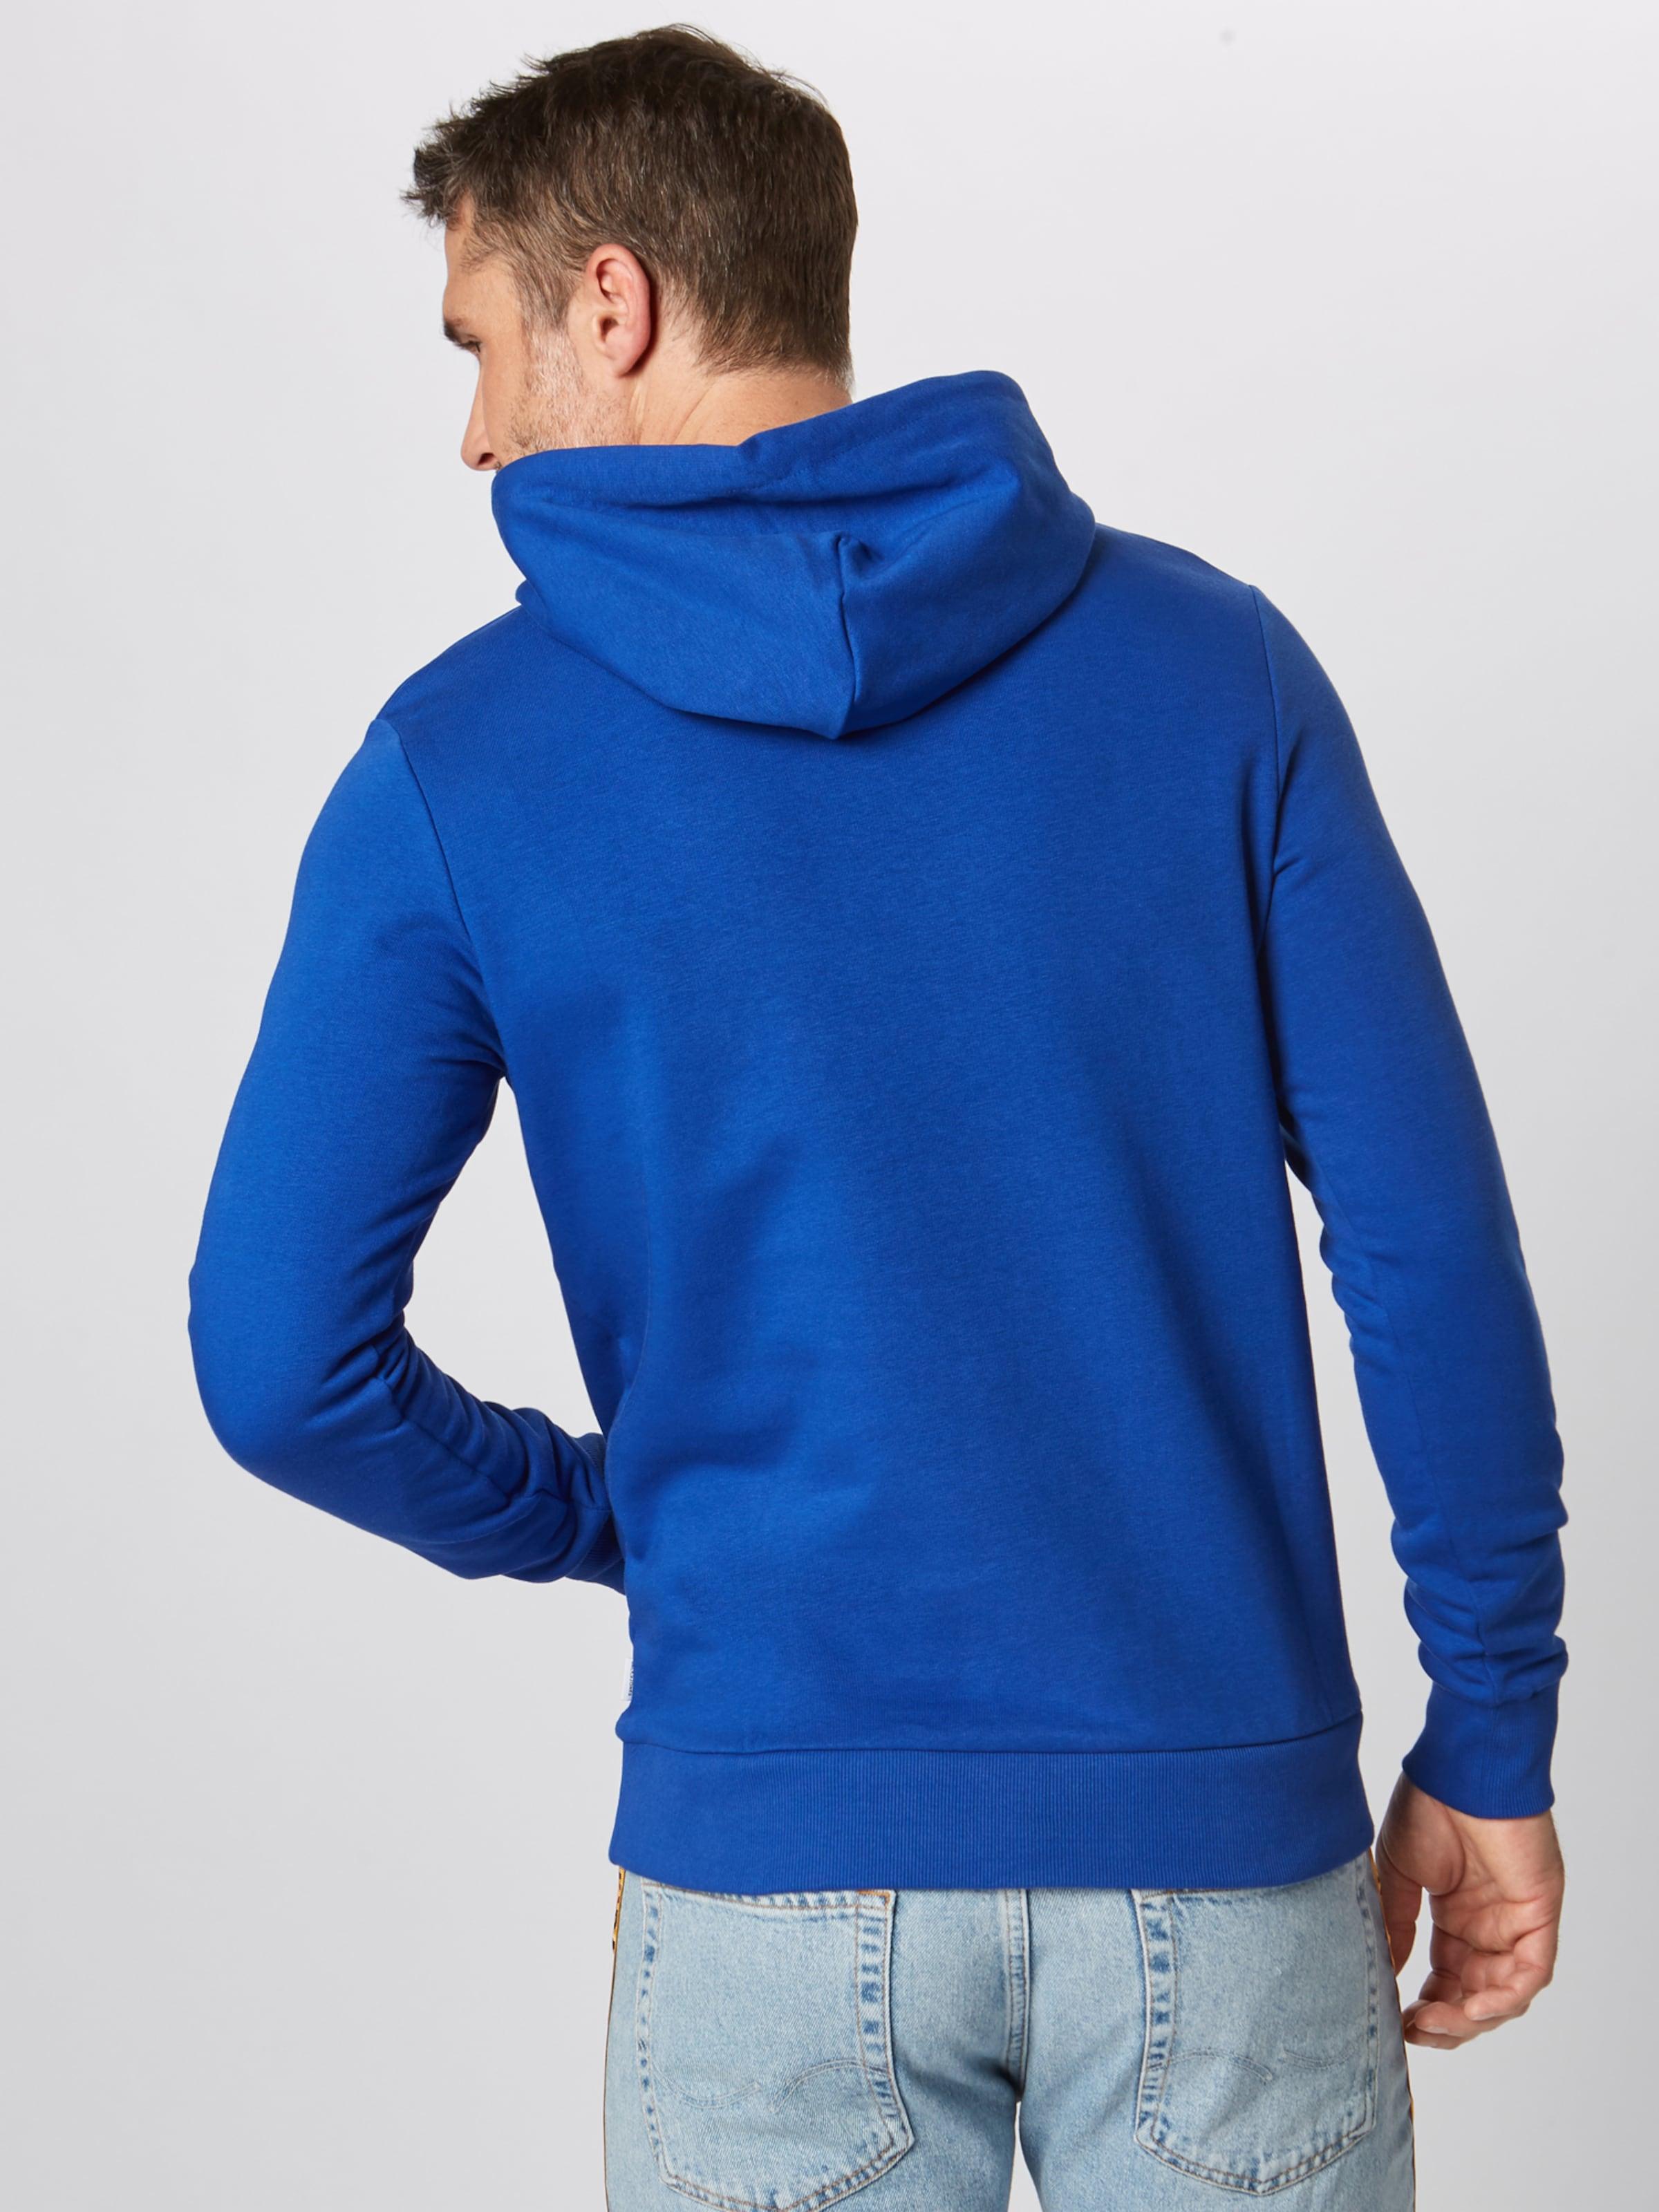 Jones Sweatshirt Royalblau Jones Sweatshirt Jackamp; Jackamp; In In Ok8wX0Pn